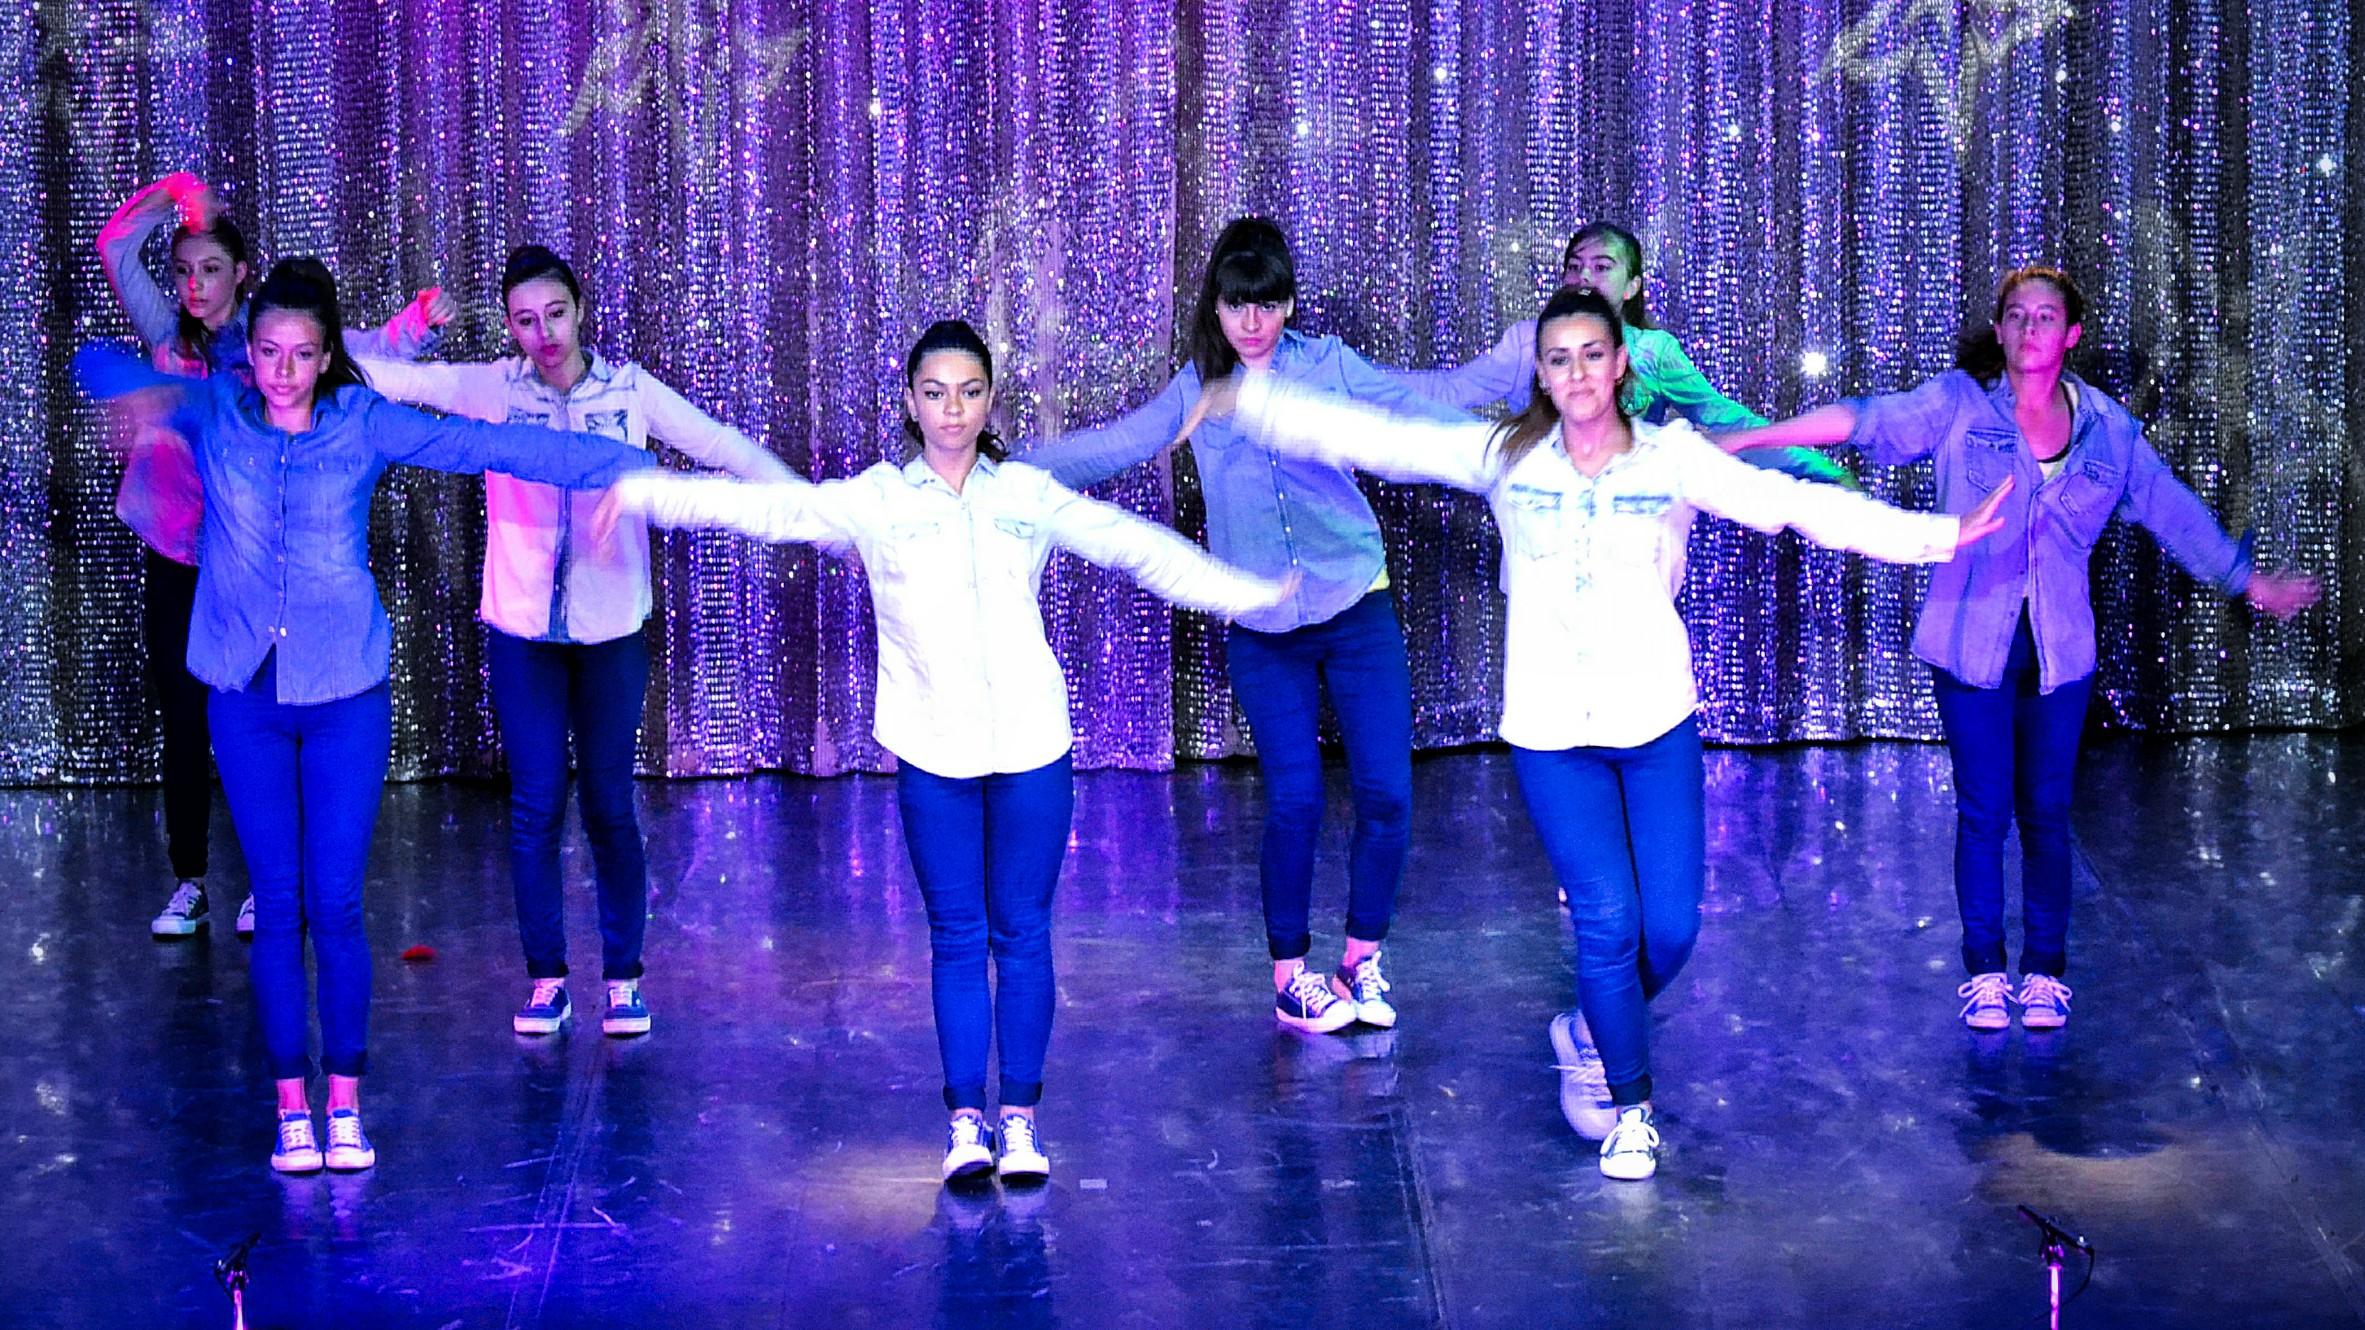 Linea-de-Baile-festival-verano-2015-clases-de-baile-valencia-20